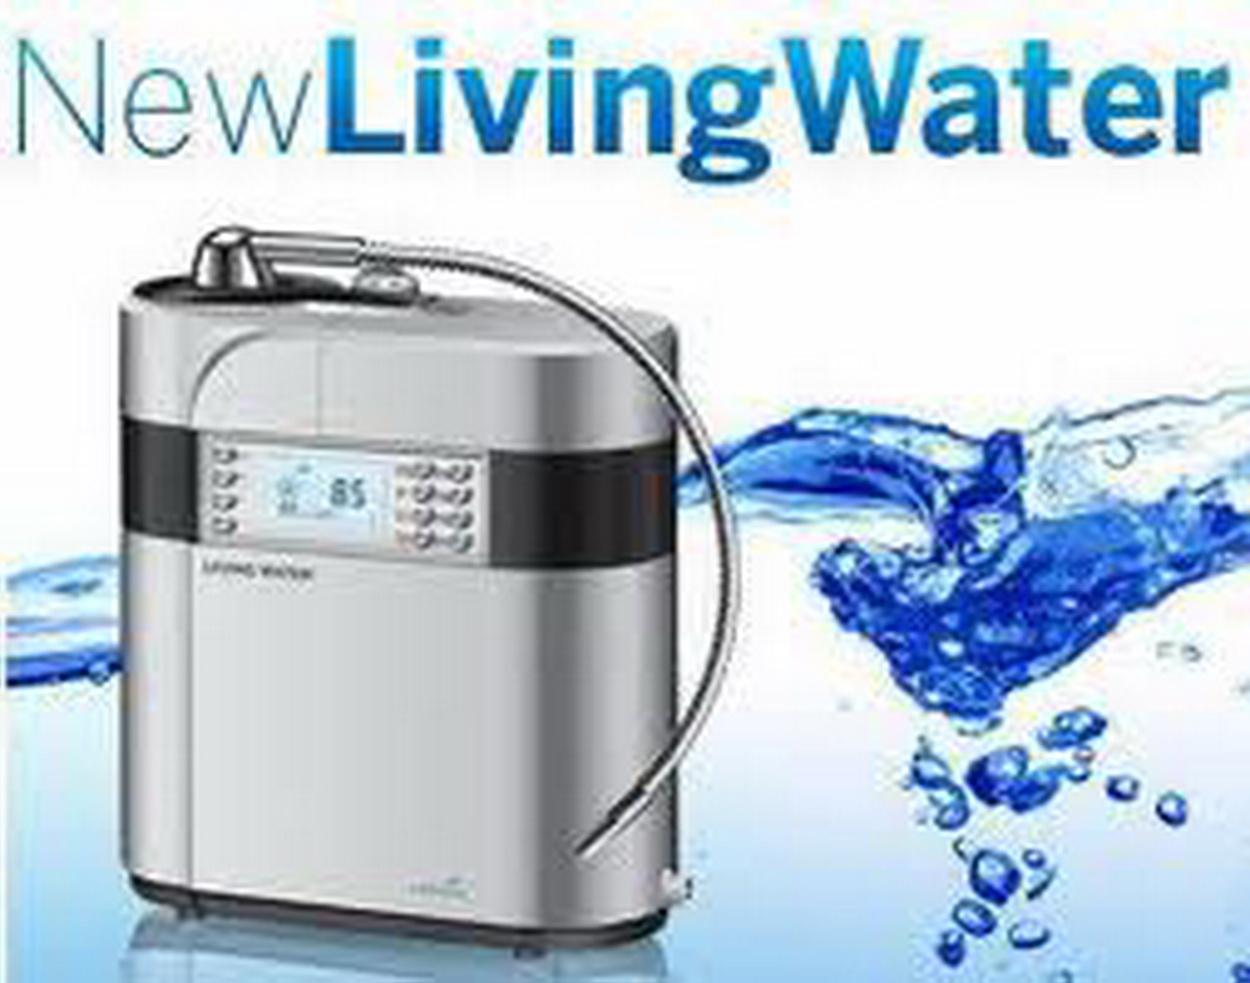 เครื่องผลิตน้ำดื่มเพื่อสุขภาพ ลีฟวิ่ง วอเตอร์/Living Water